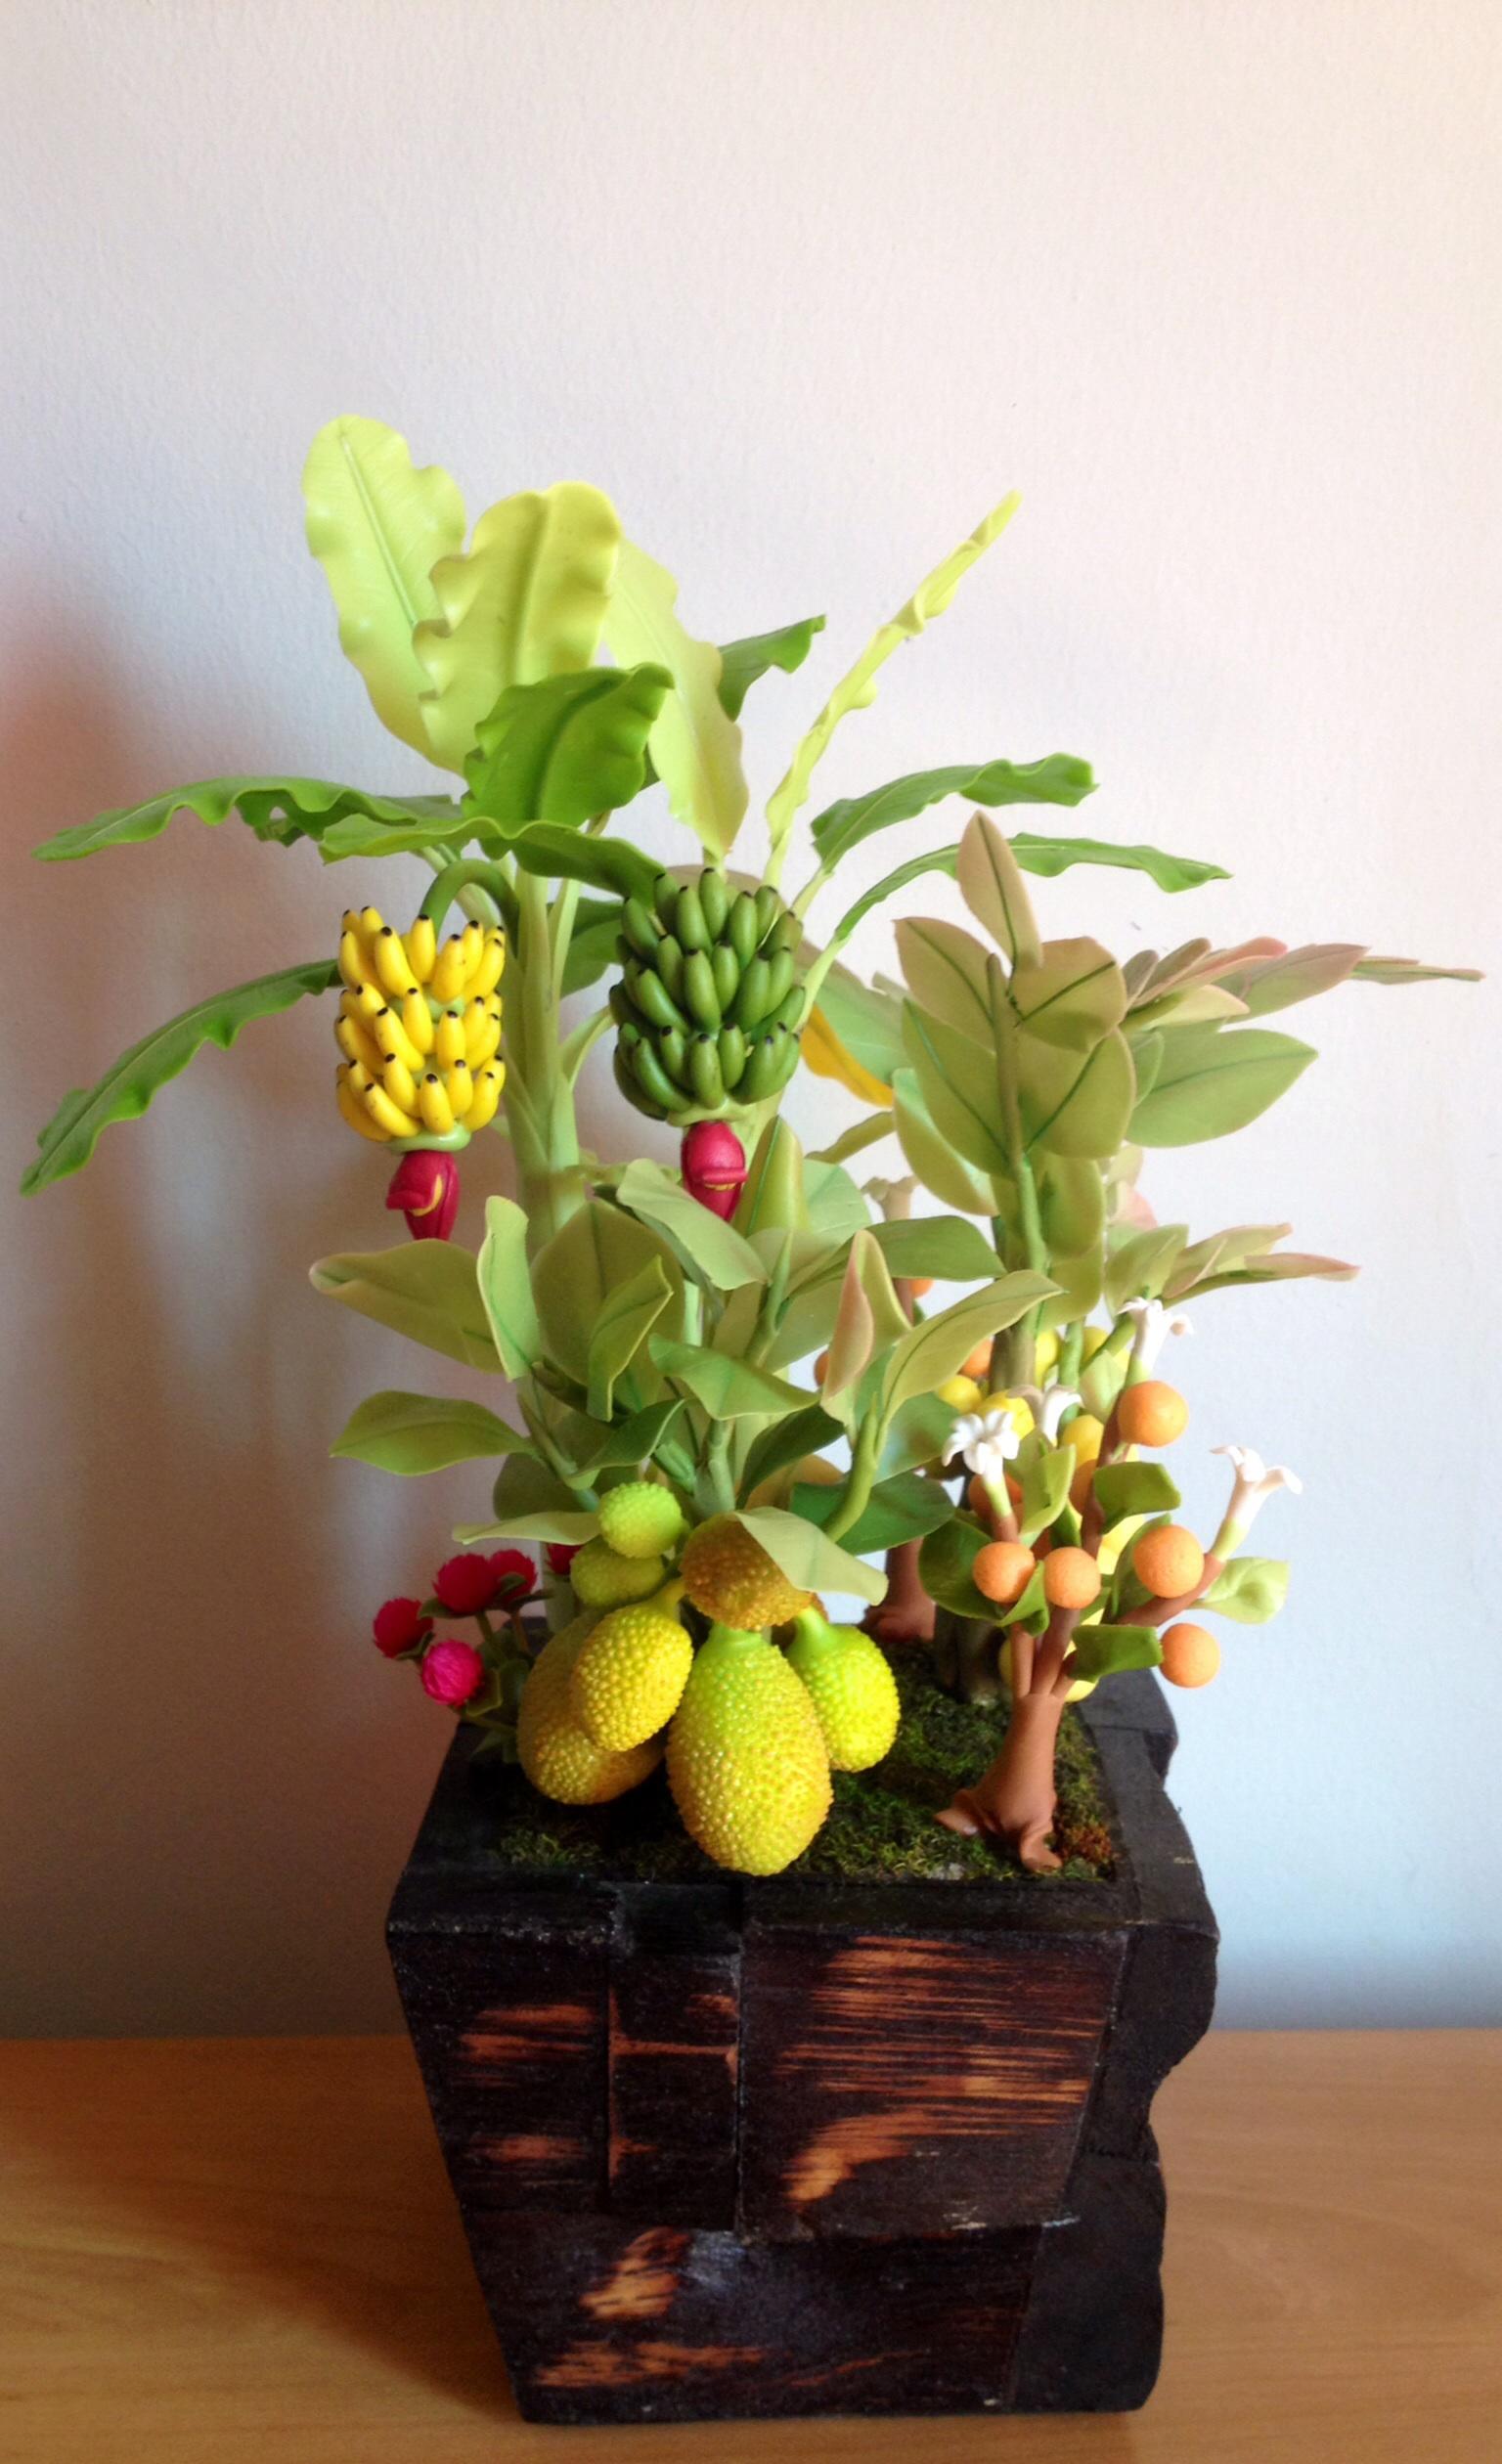 C006-สวนต้นไม้มงคล มะยม ส้ม กล้วย ขนุน_ไซร์ 3-9 นิ้ว